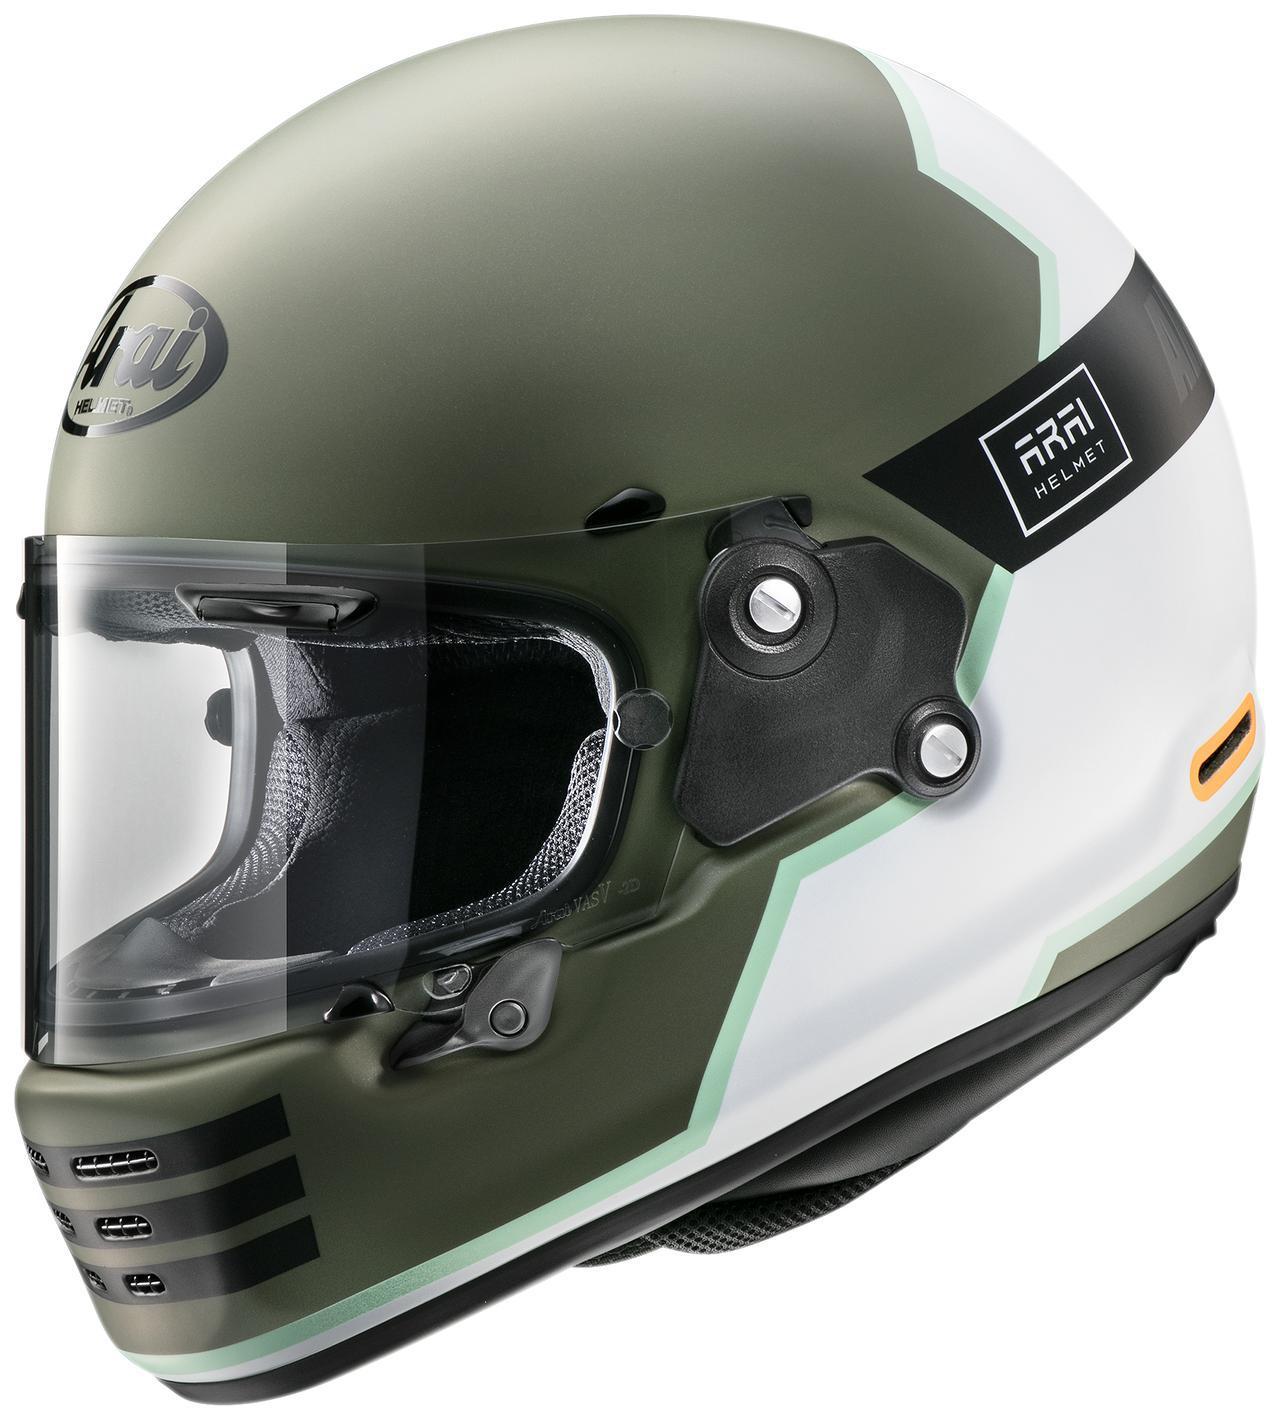 画像: 加藤ノブキさんがデザインしたヘルメット|アライヘルメット「ラパイド・ネオ オーバーランド」 - webオートバイ